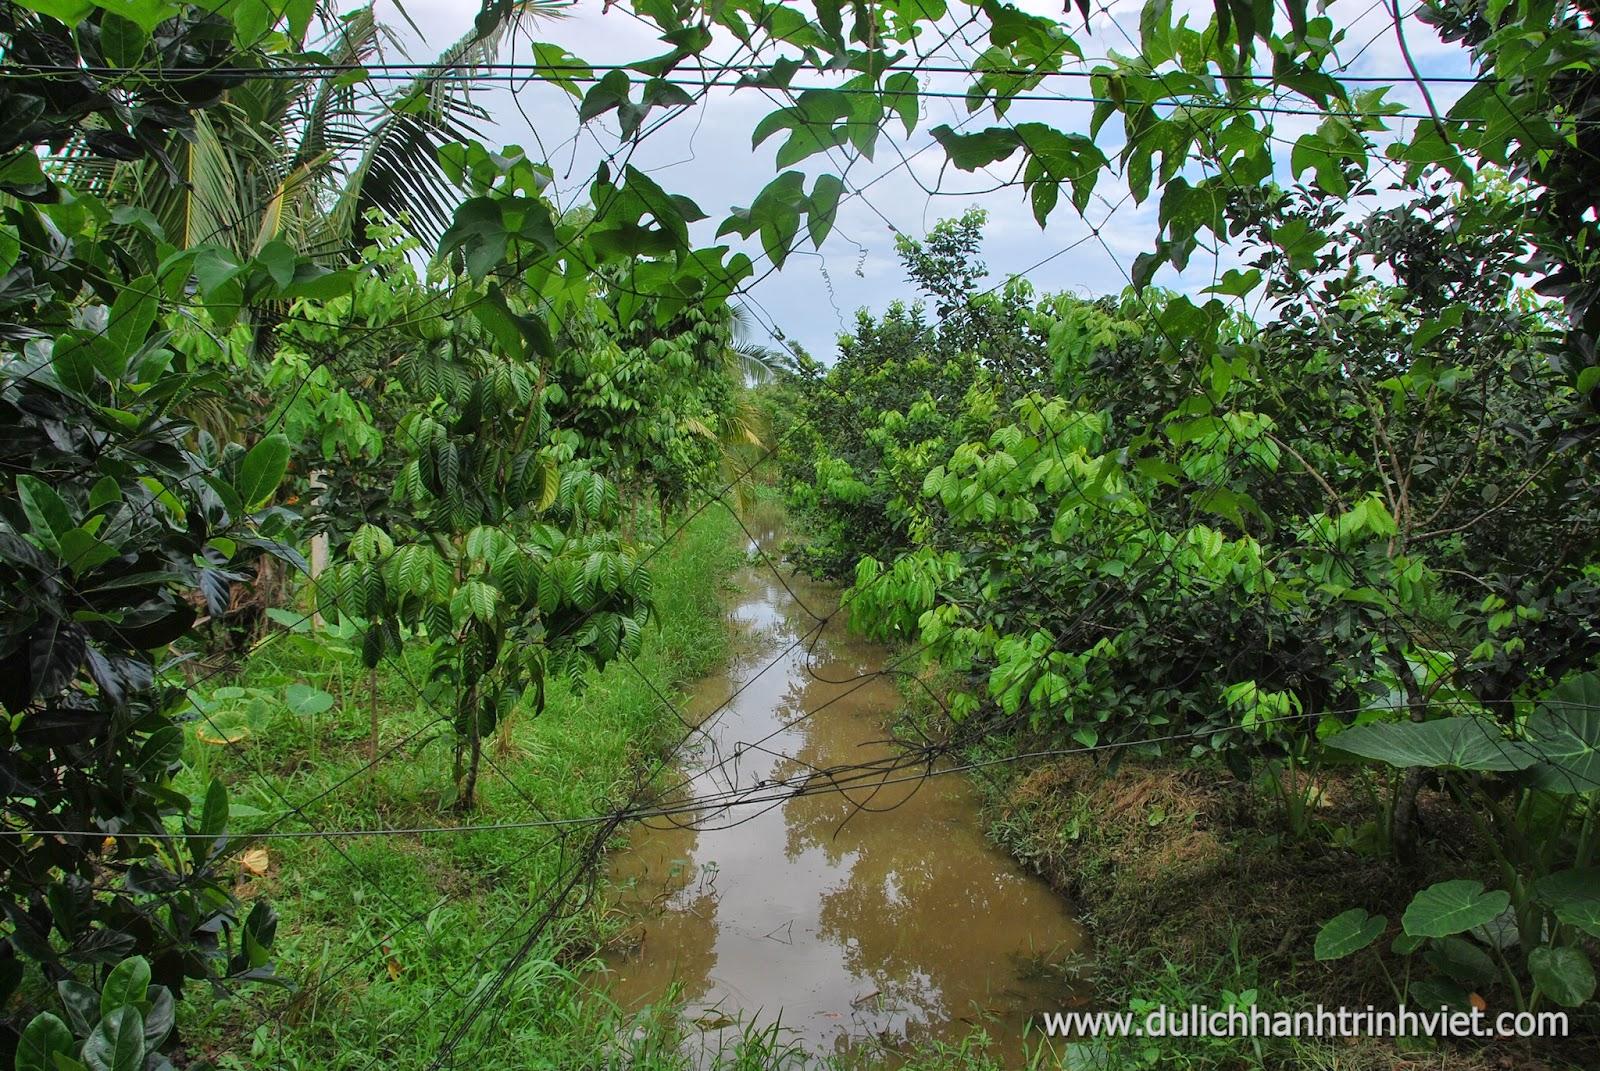 Du lịch vườn Mỹ Khánh, Cần Thơ